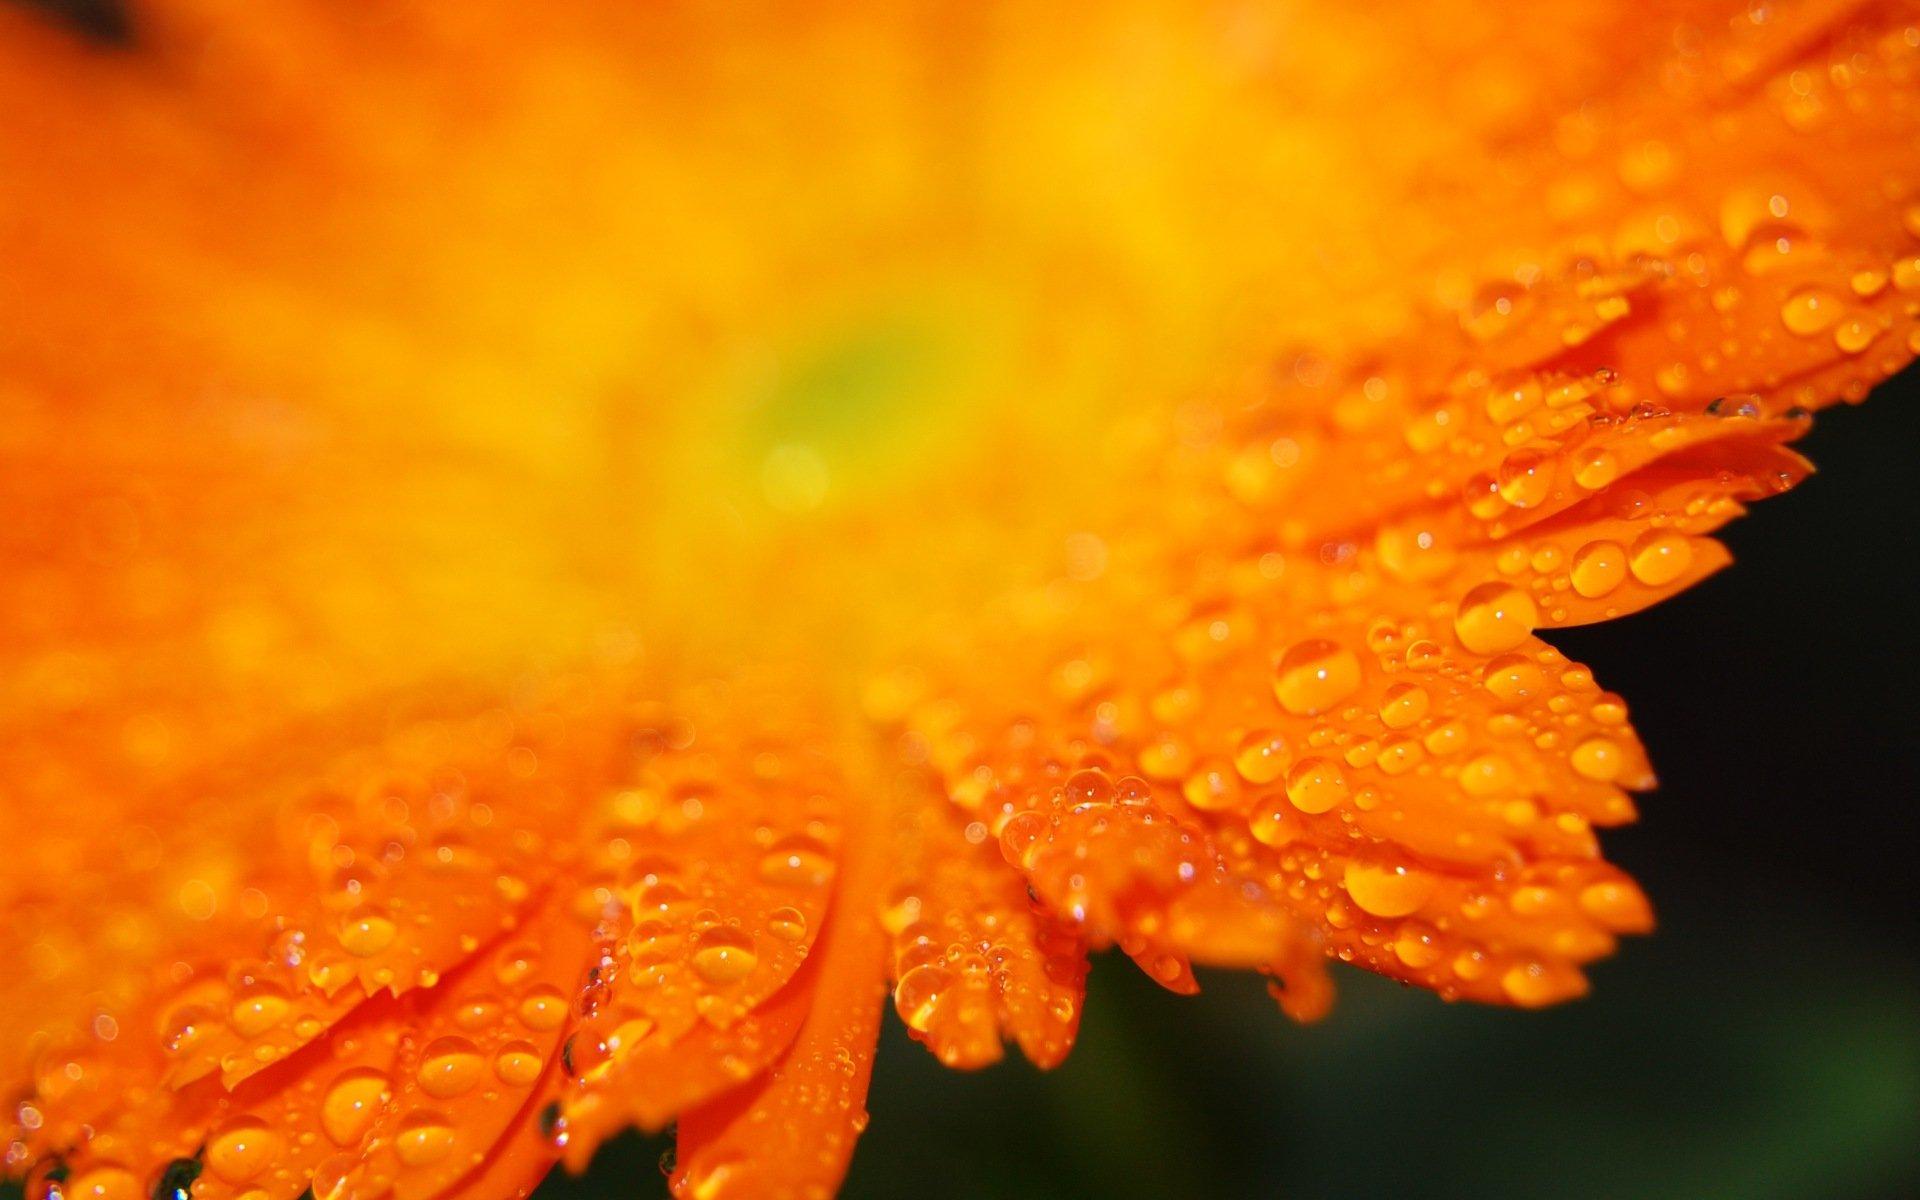 желто-оранжевые цветы бесплатно